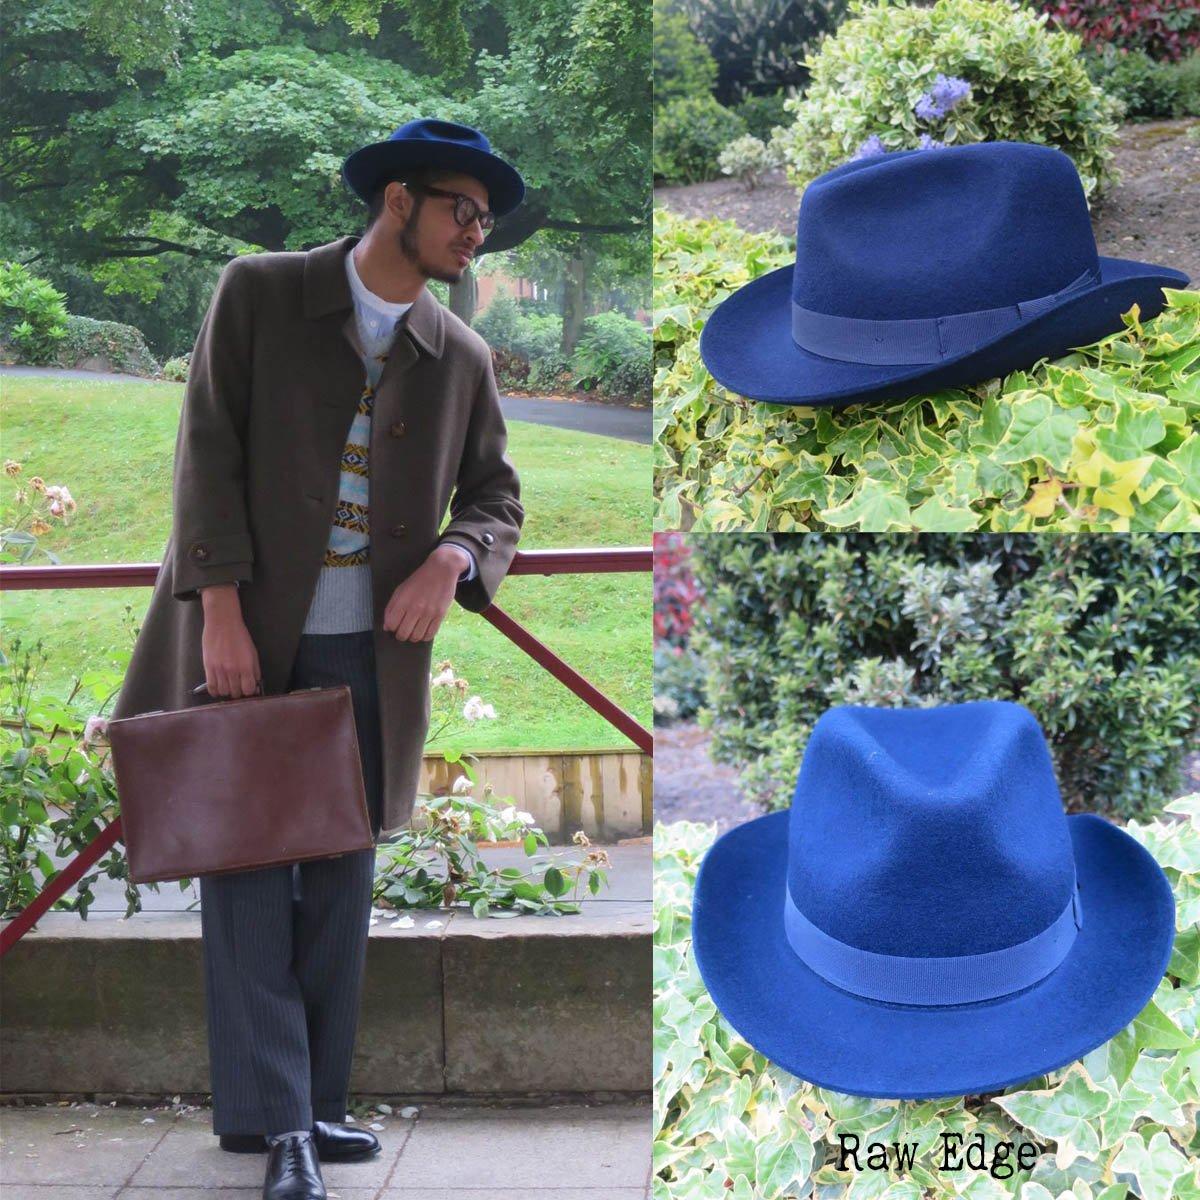 sombrero fedora raw edge